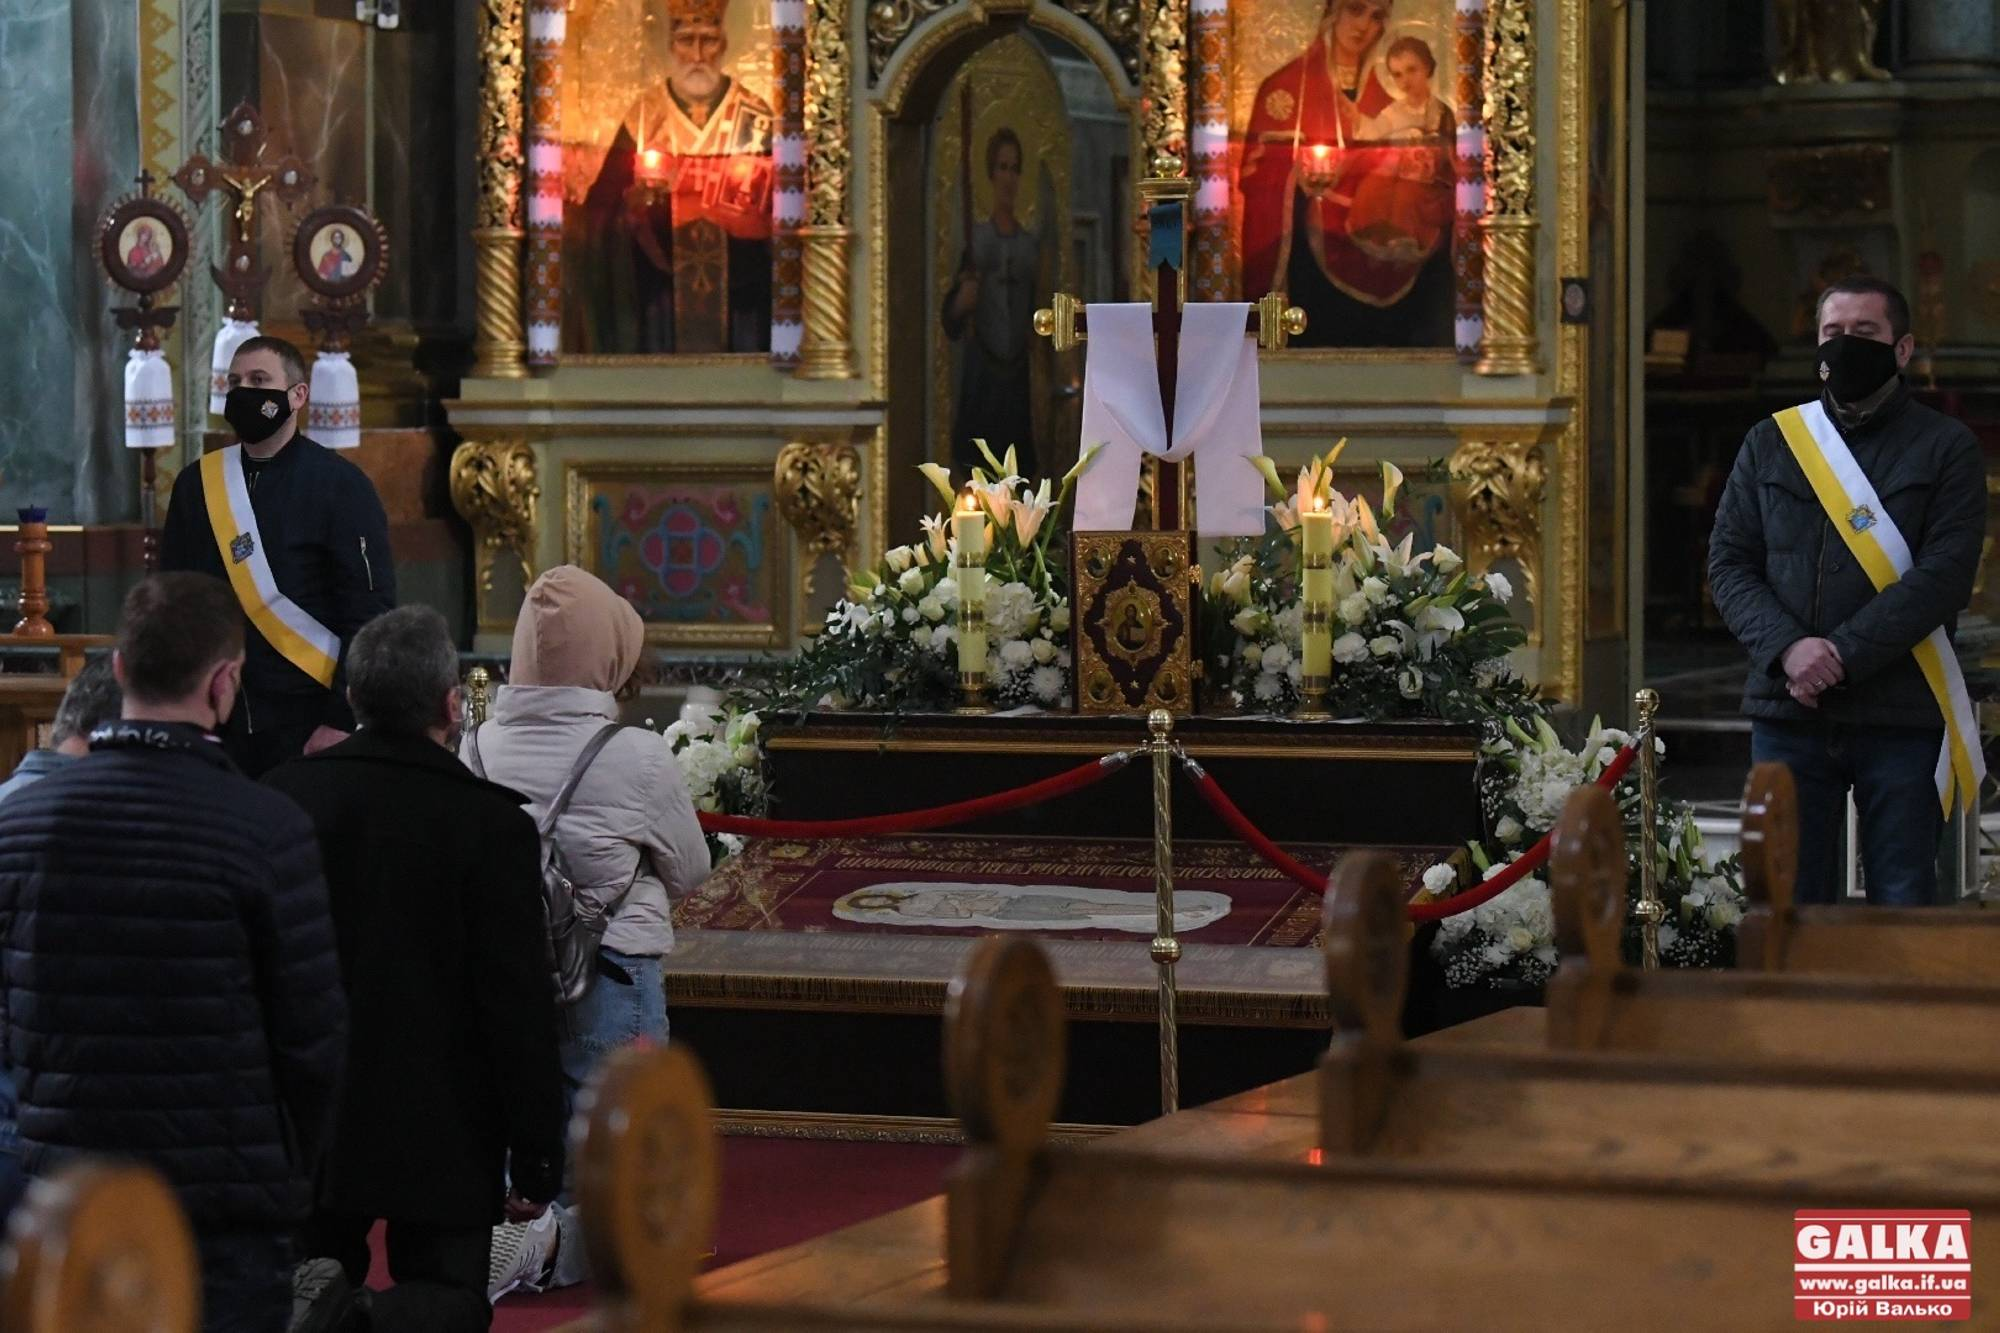 З поклоном замість цілувань: у франківських храмах вшановують святу плащаницю (ФОТО)